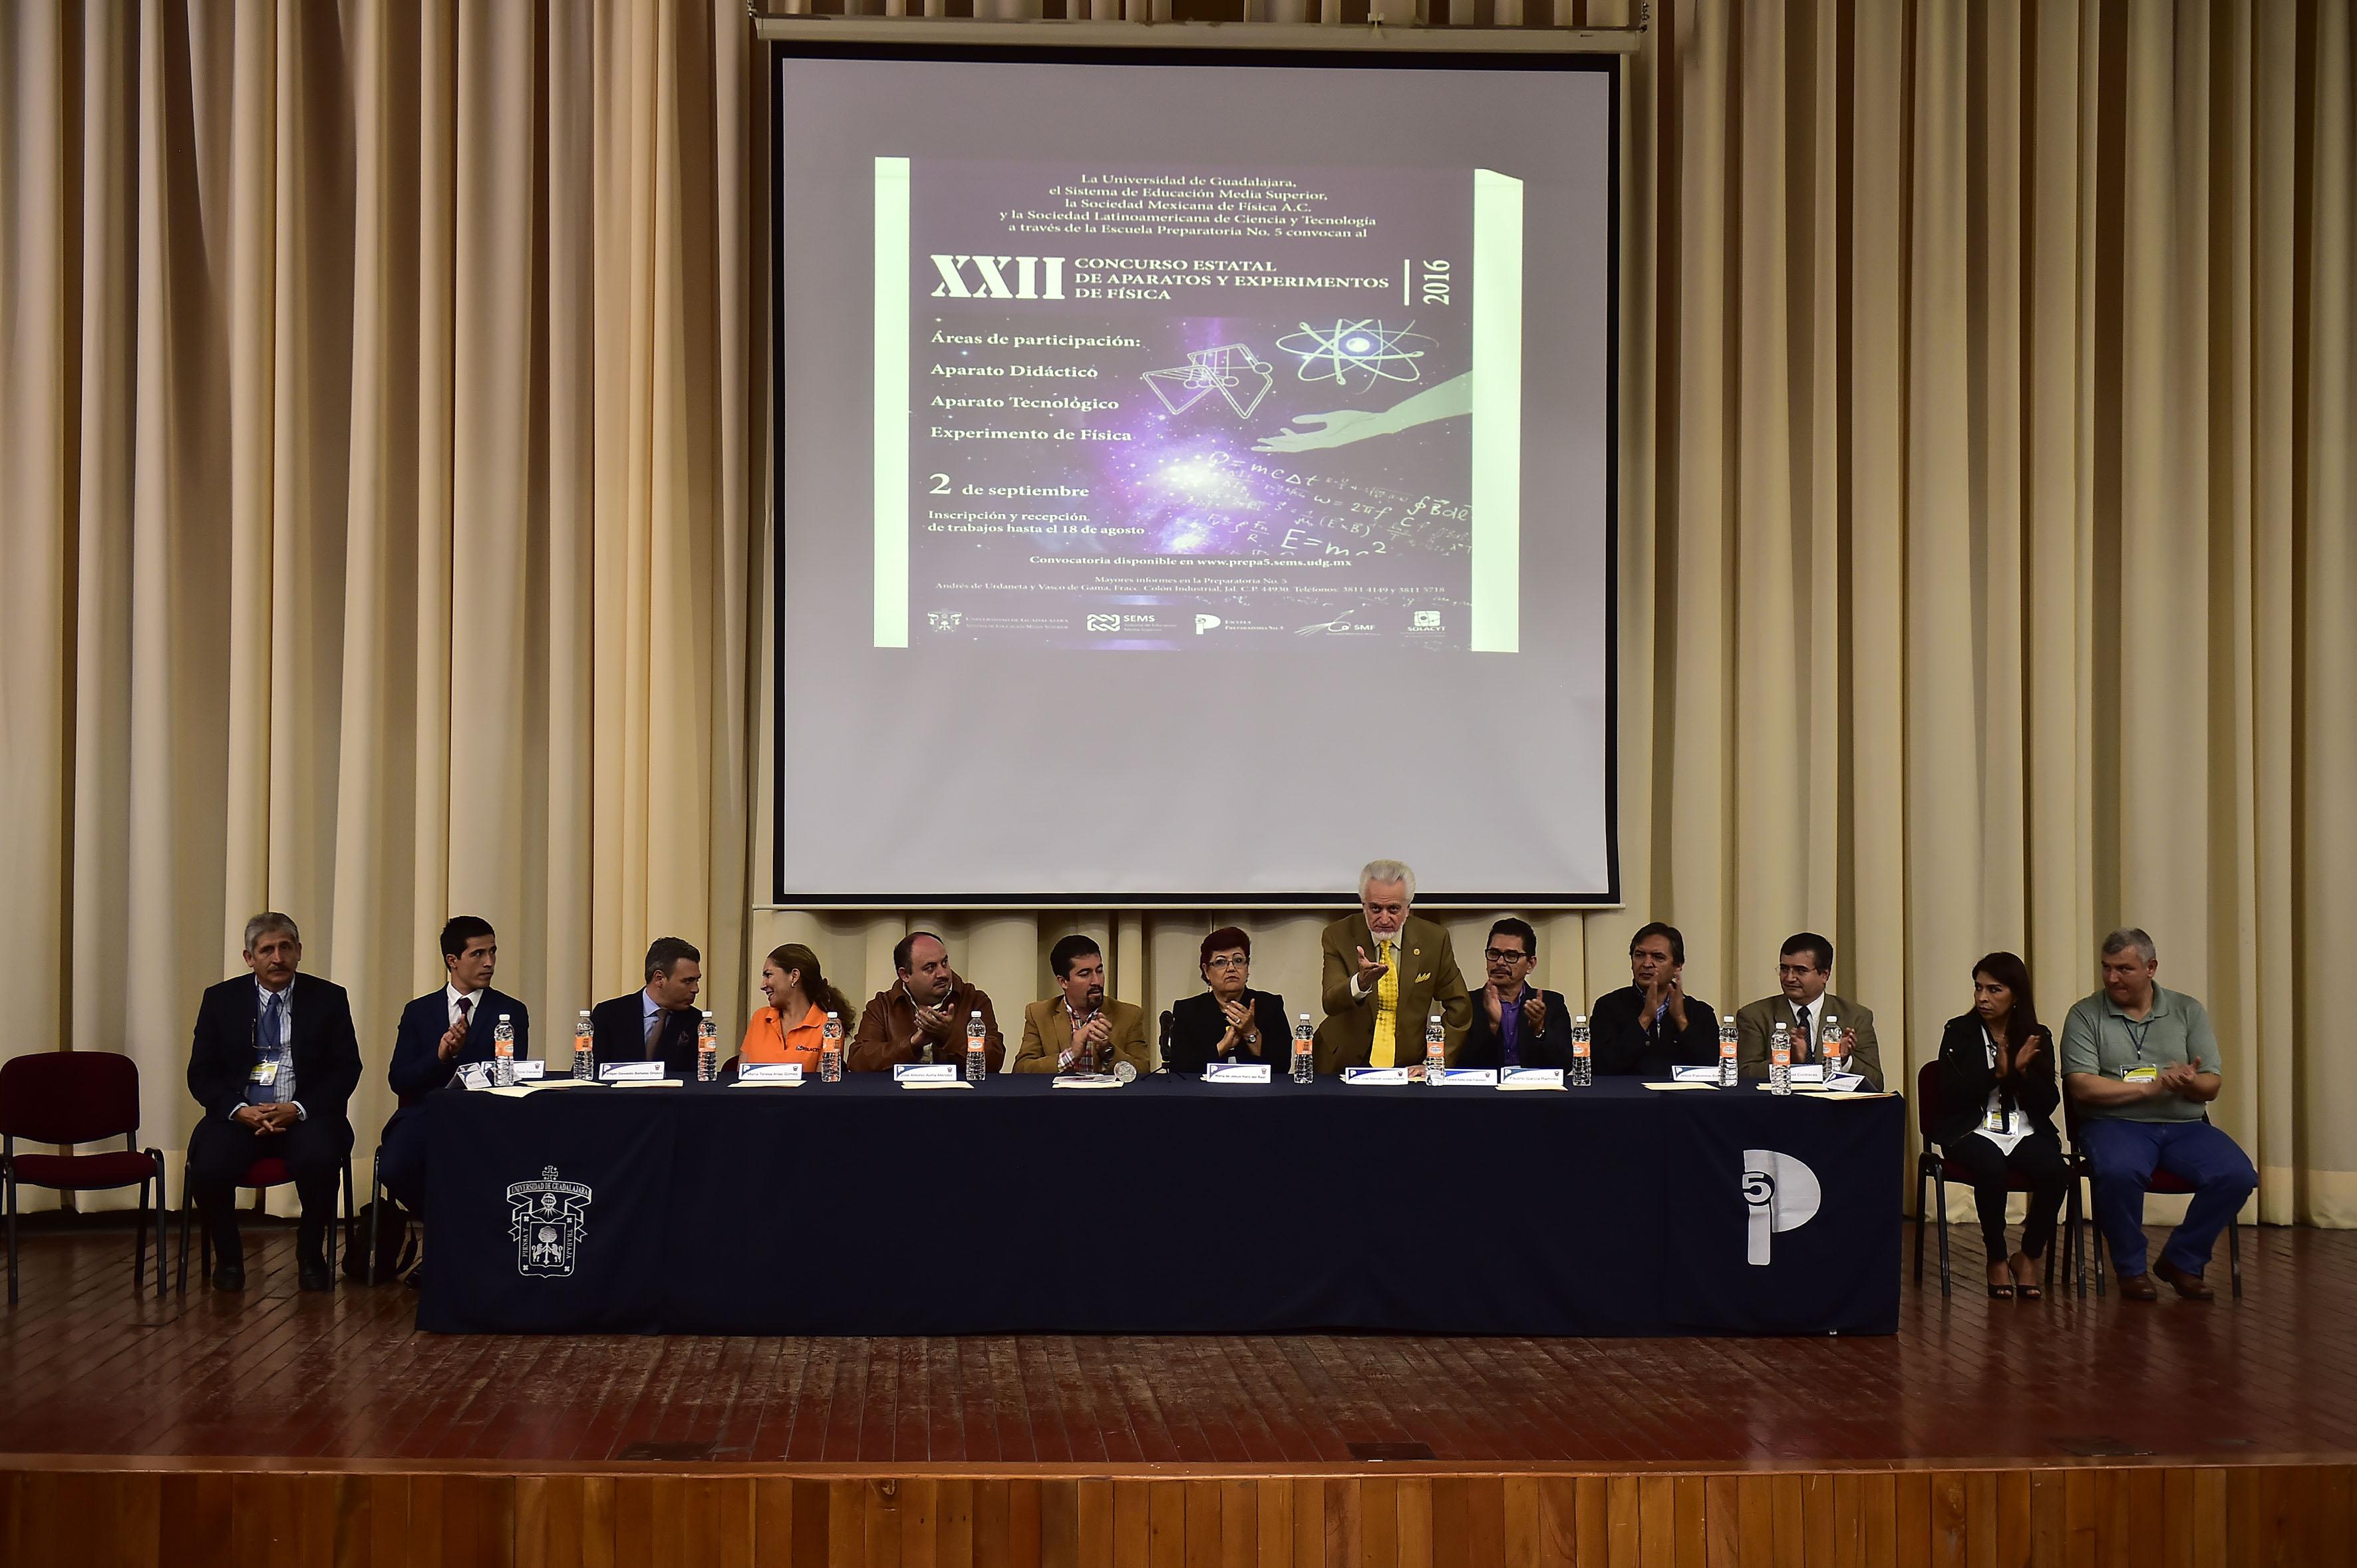 Presentación de honorables miembros del presídium, que participan en la inauguración del concurso